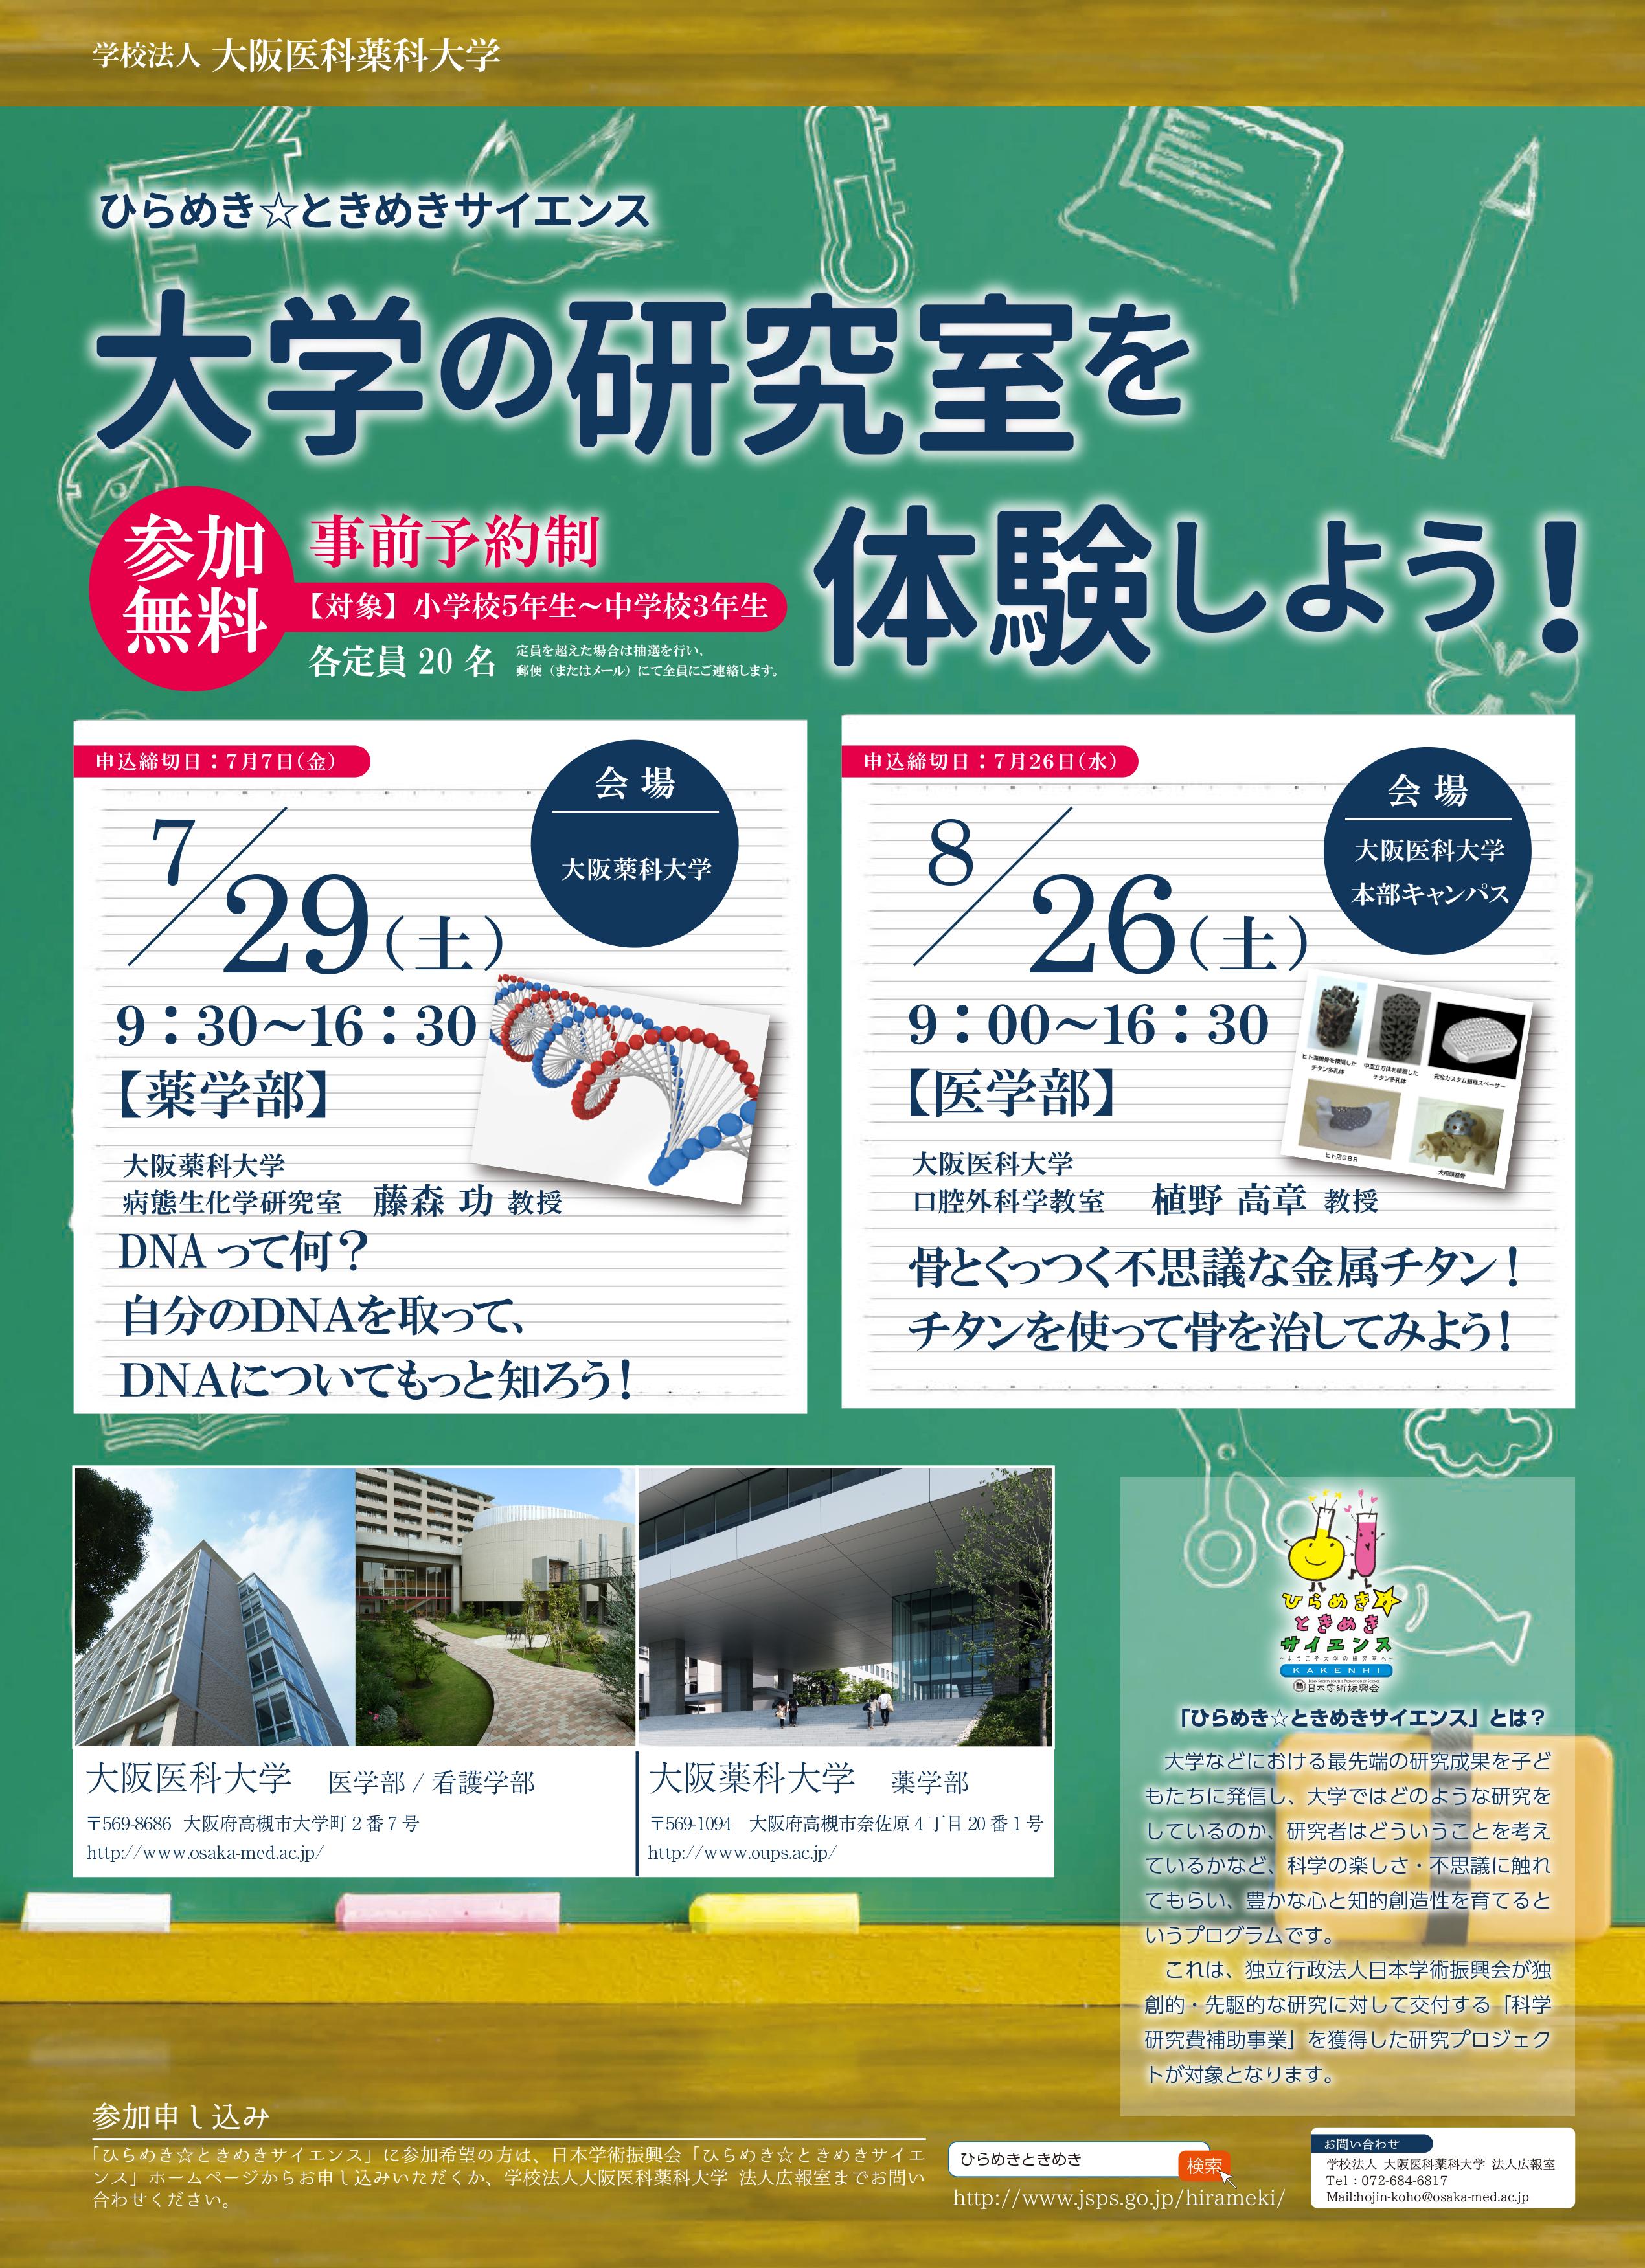 薬科 大阪 大学 医科